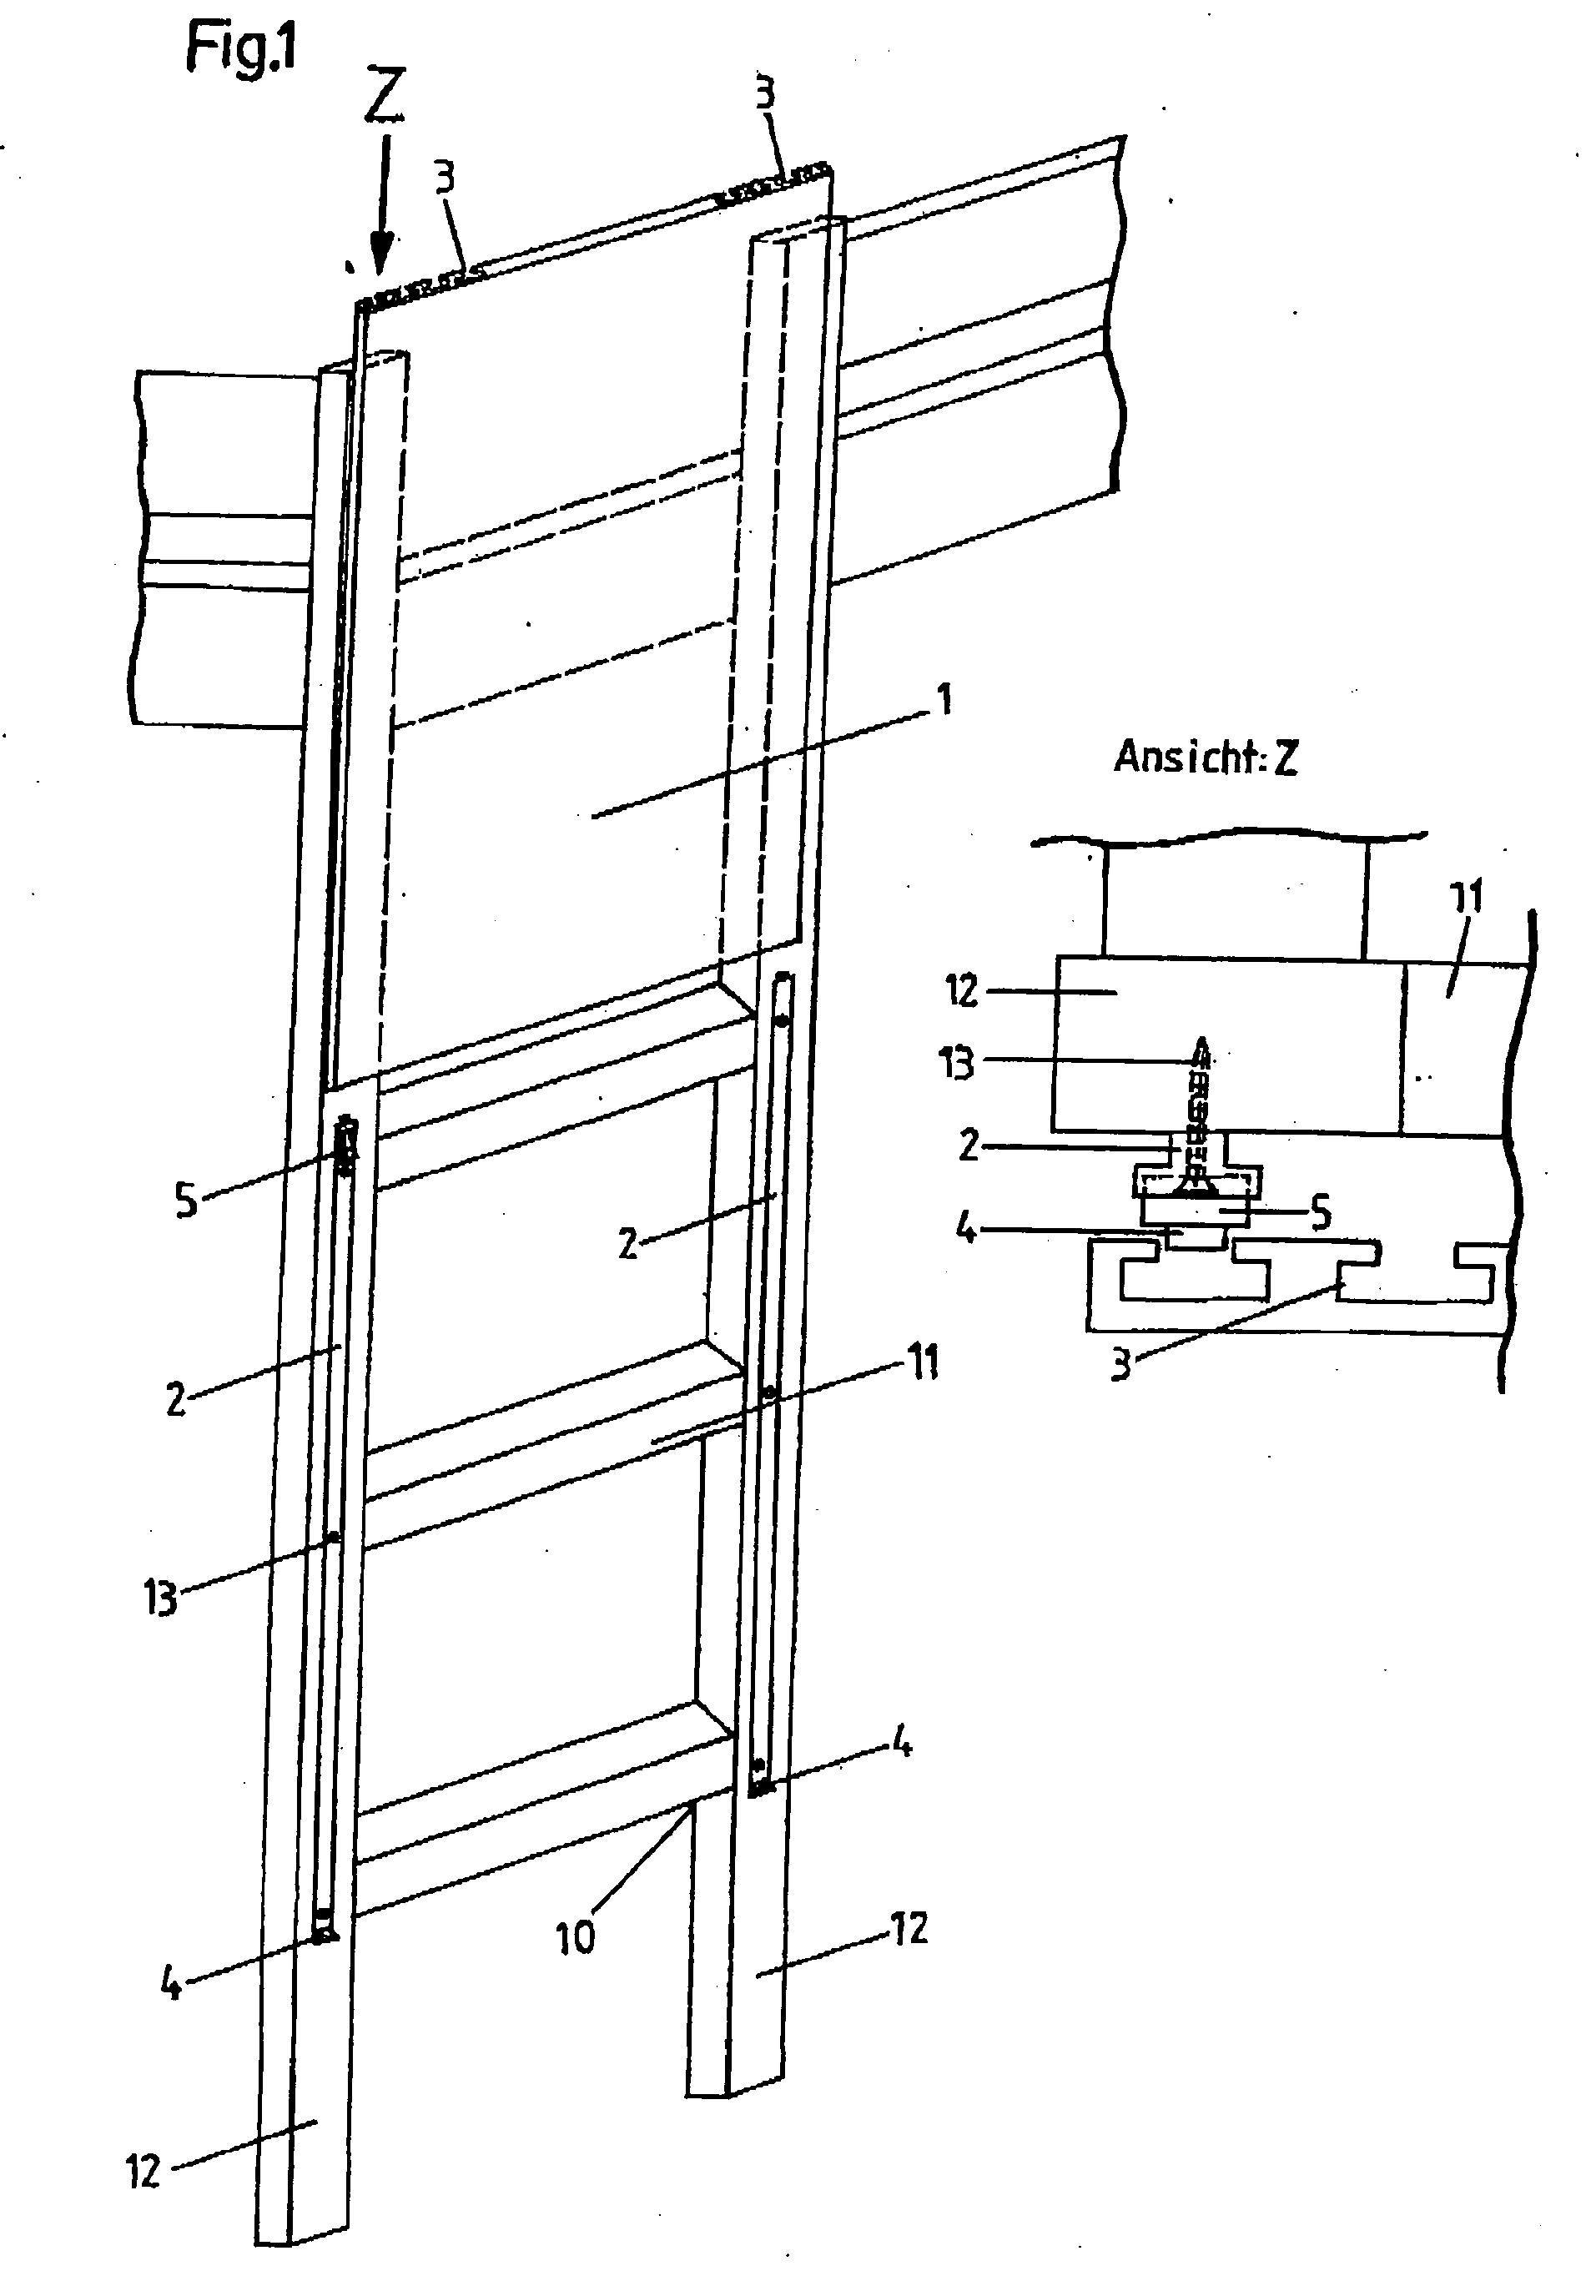 patent ep2022931a2 leitersicherung insbesondere f r kinderhochbetten google patents. Black Bedroom Furniture Sets. Home Design Ideas